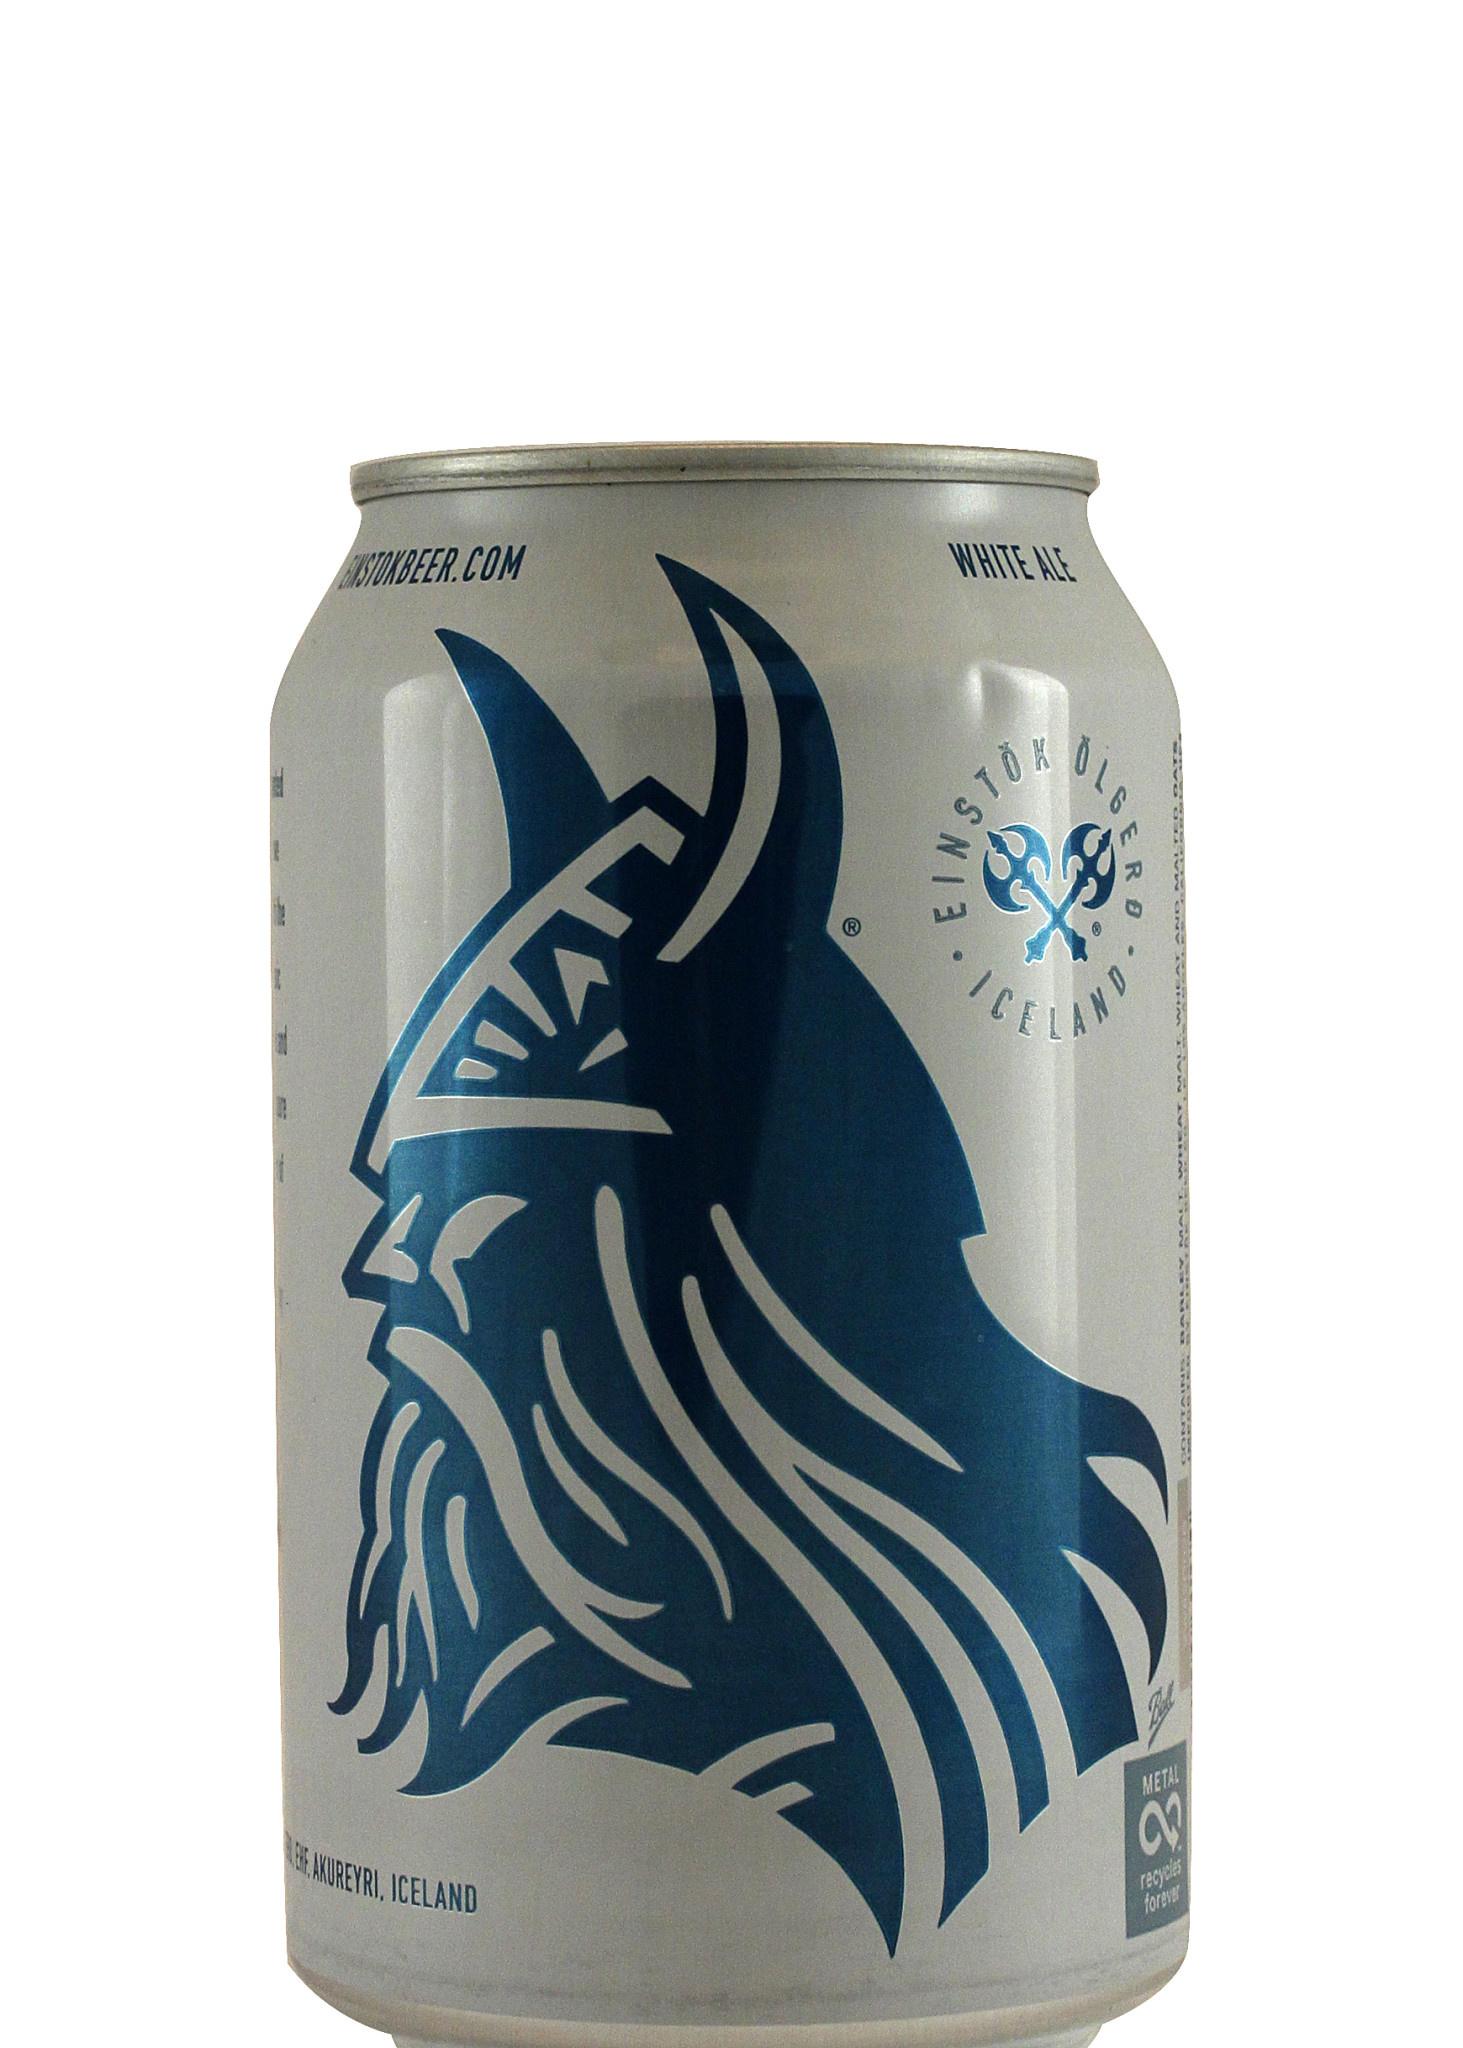 Einstok White Ale, Iceland - Can